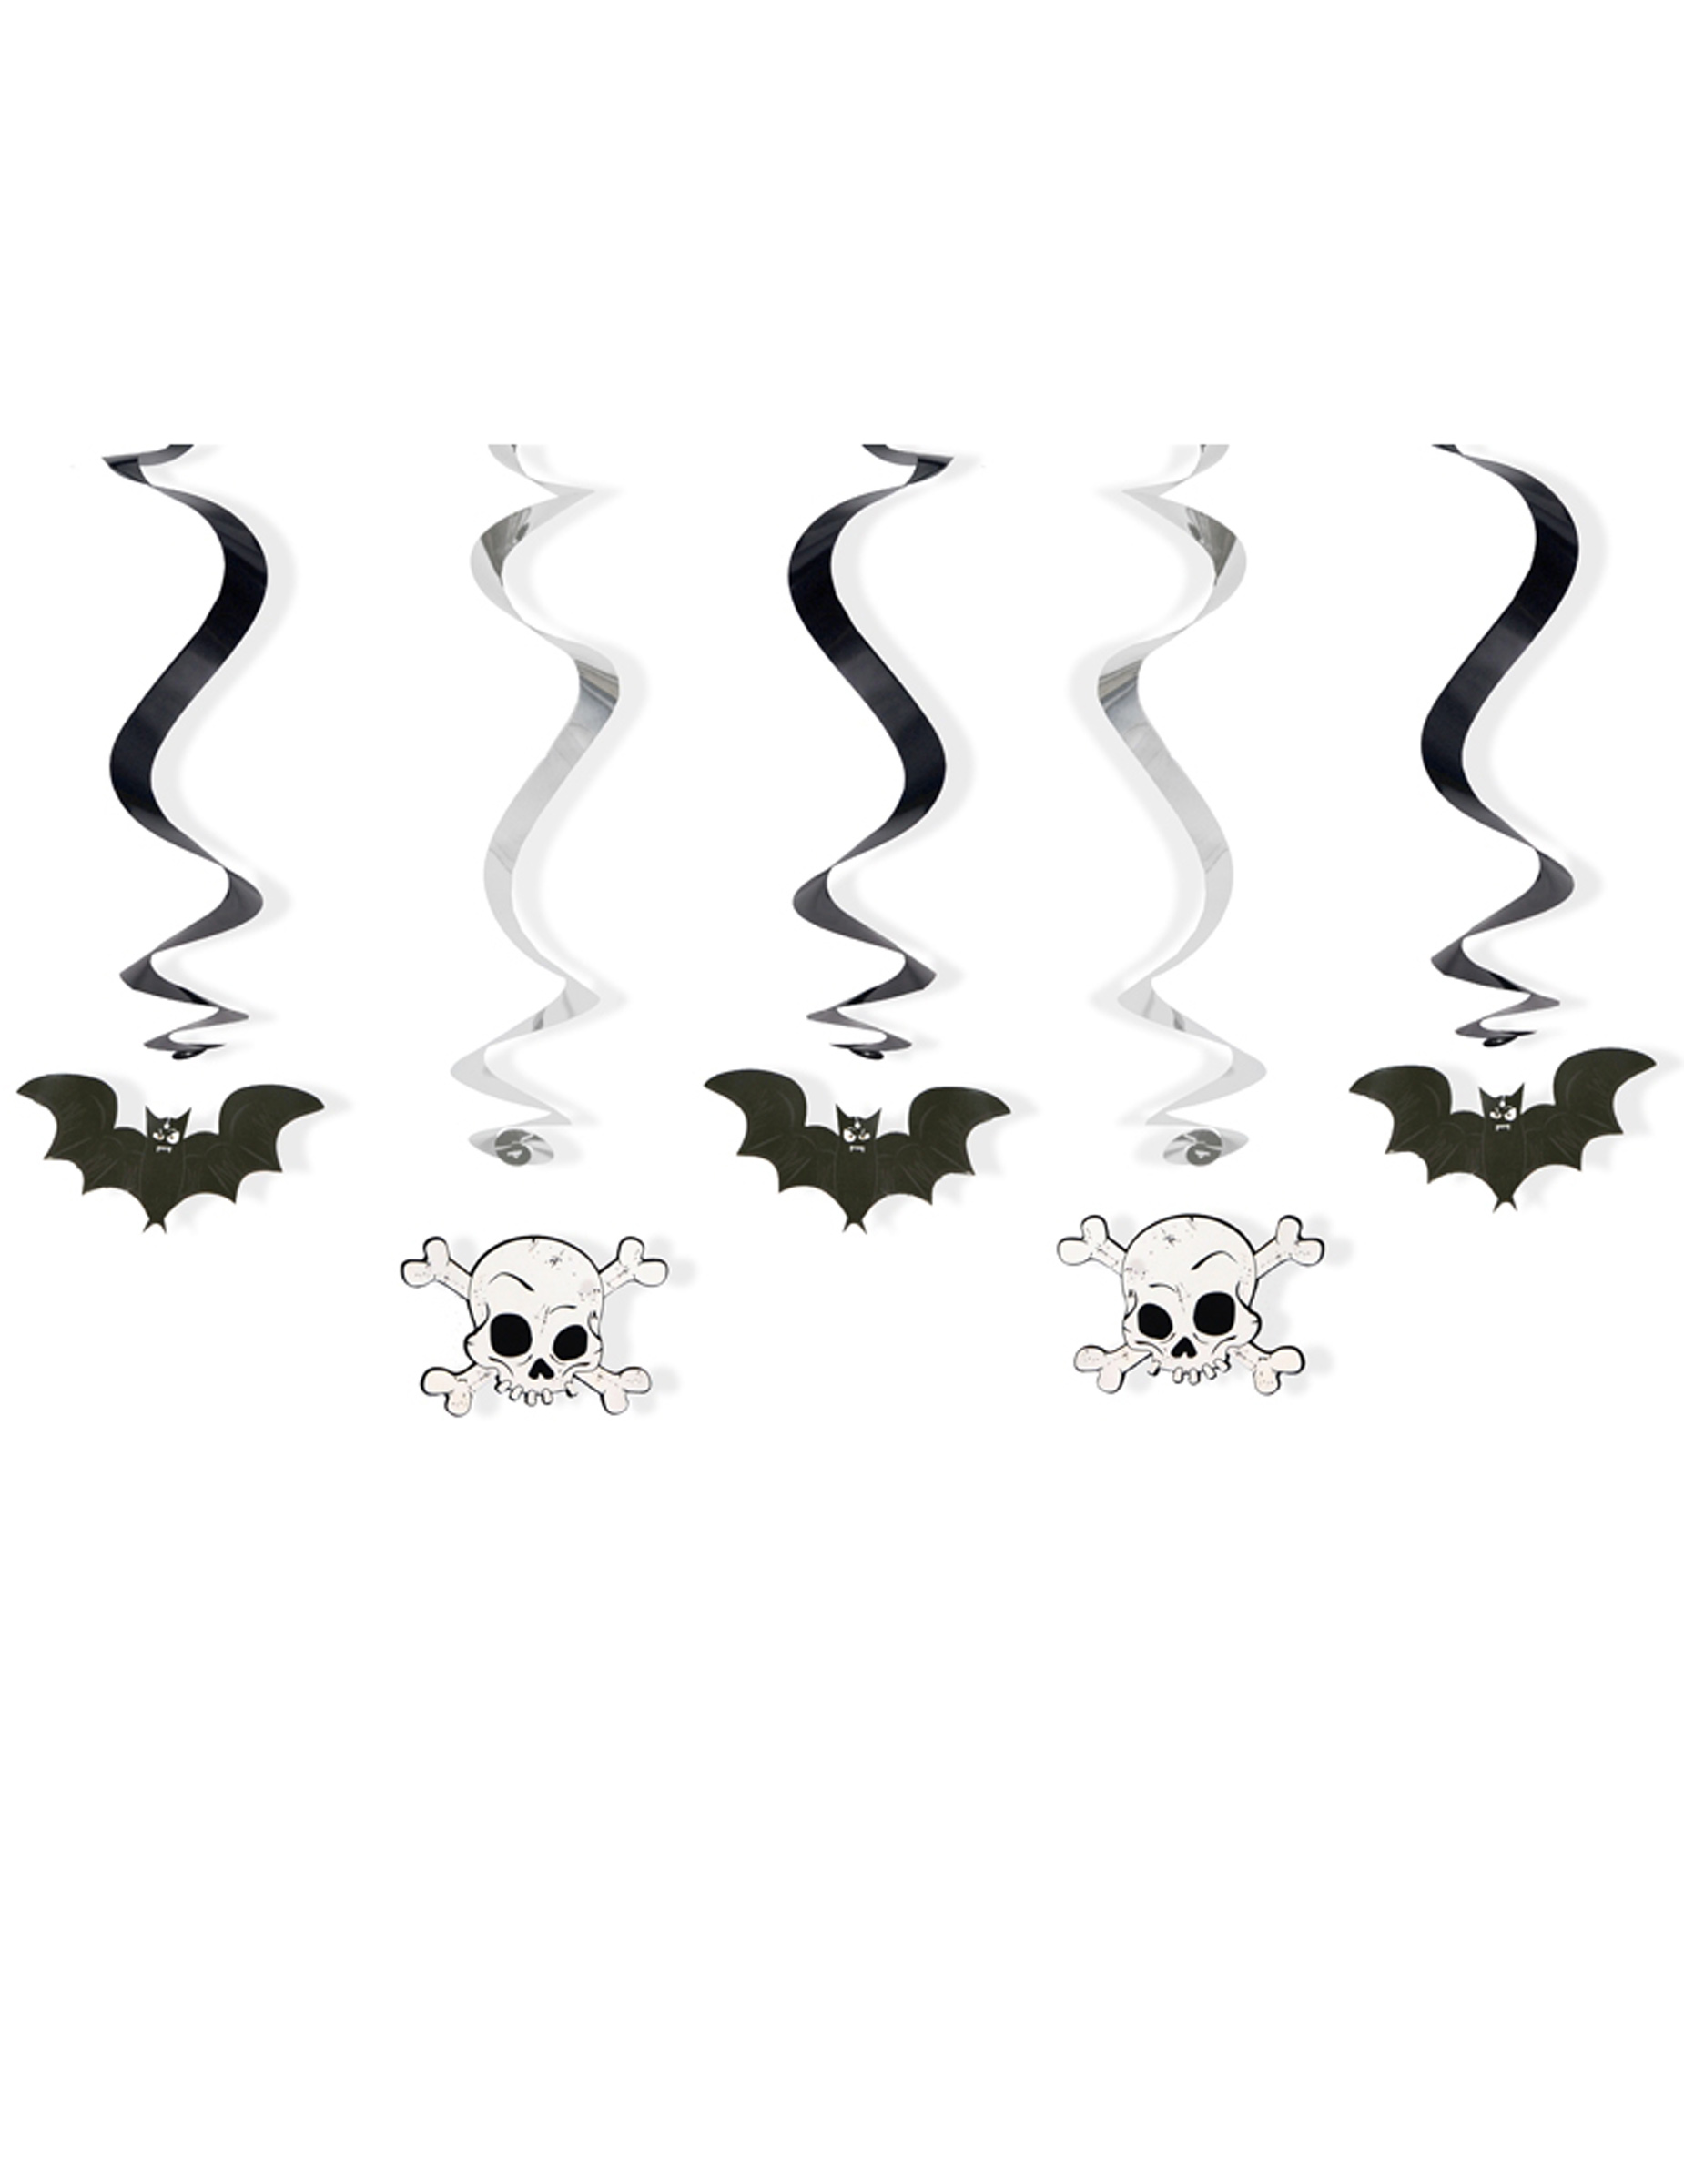 *Dekorations-Spiralen für Halloween 5 Stück schwarz-weiss 60cm*